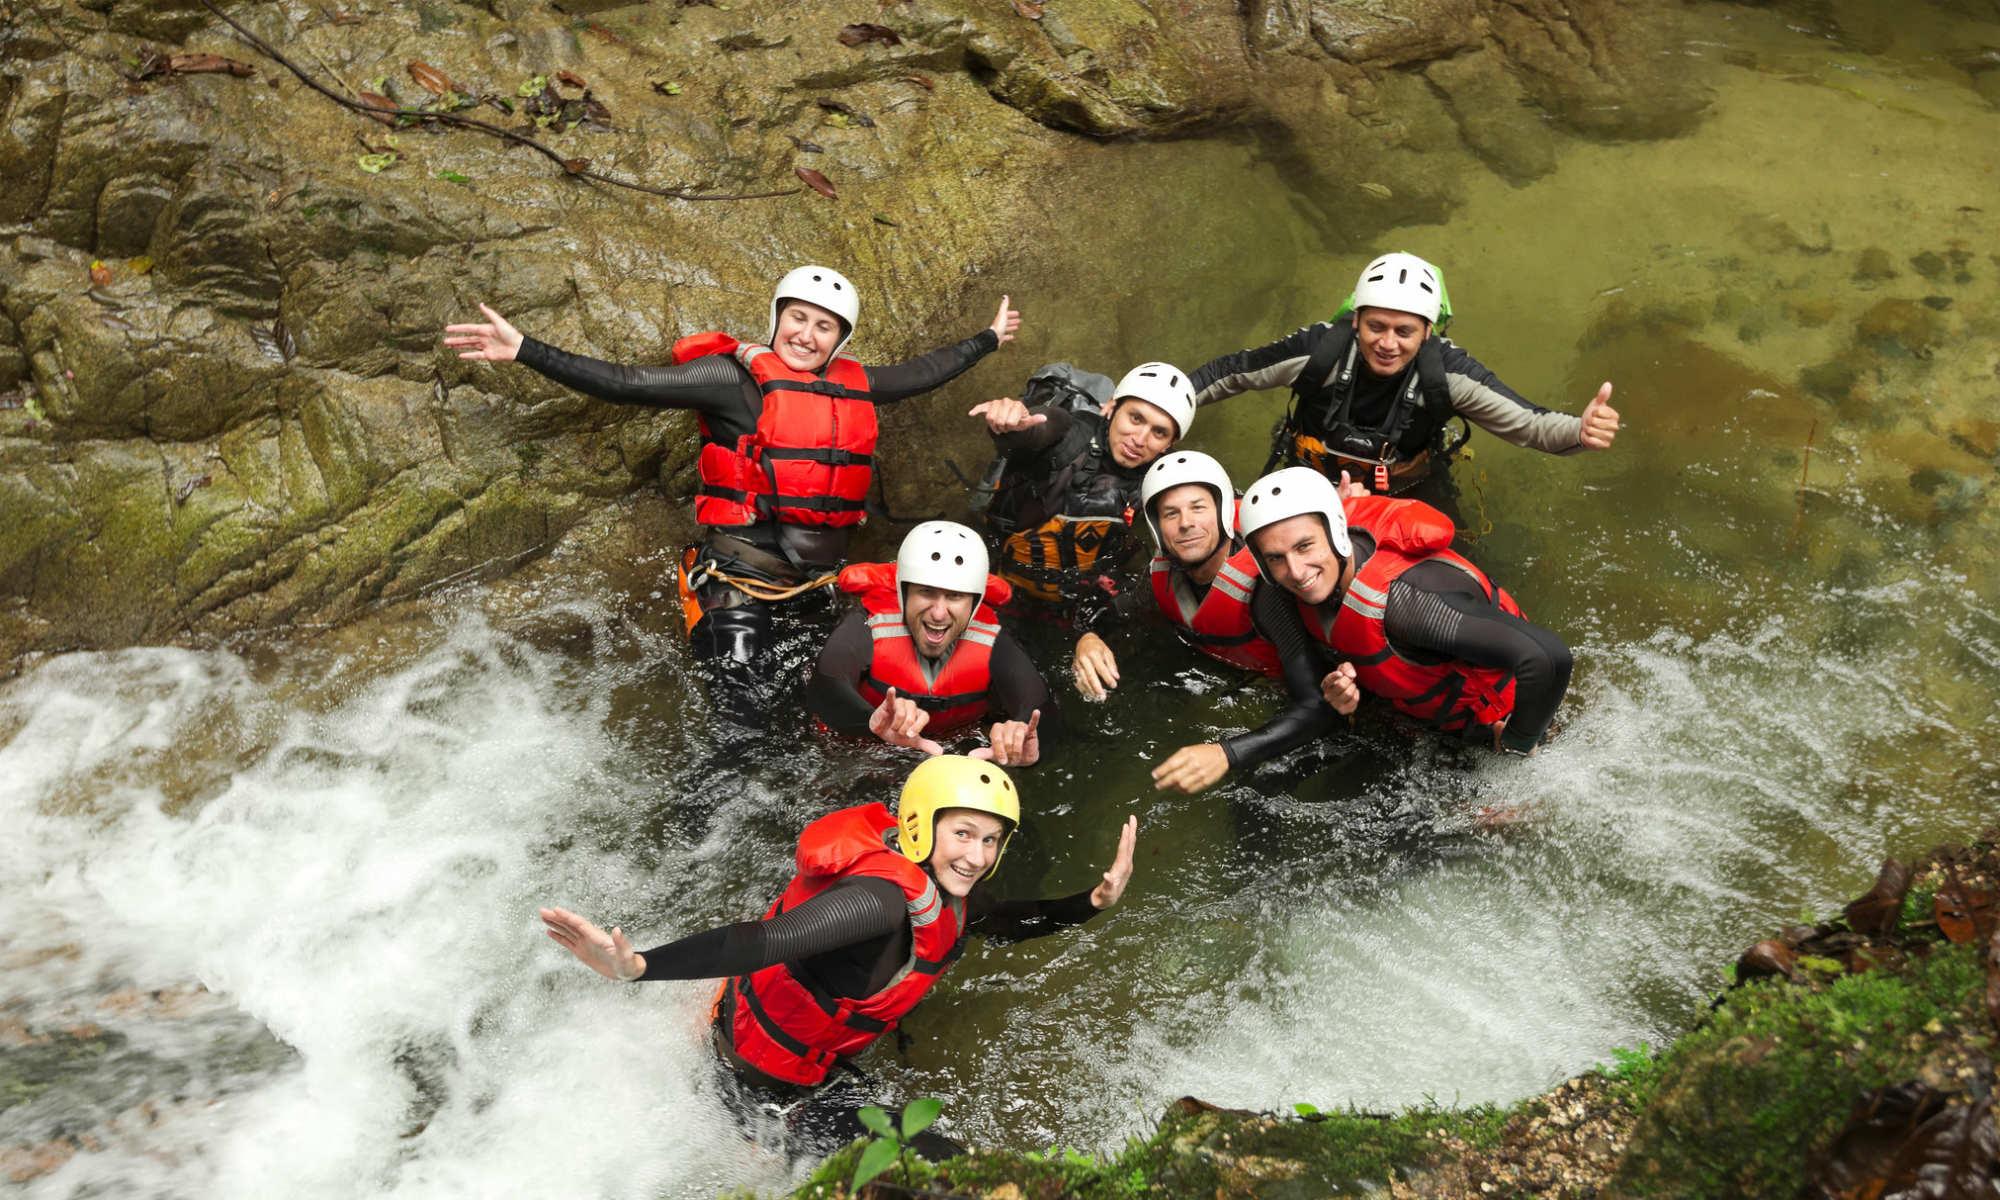 Un groupe d'amis tout sourire dans l'eau tumultueuse d'un canyon.